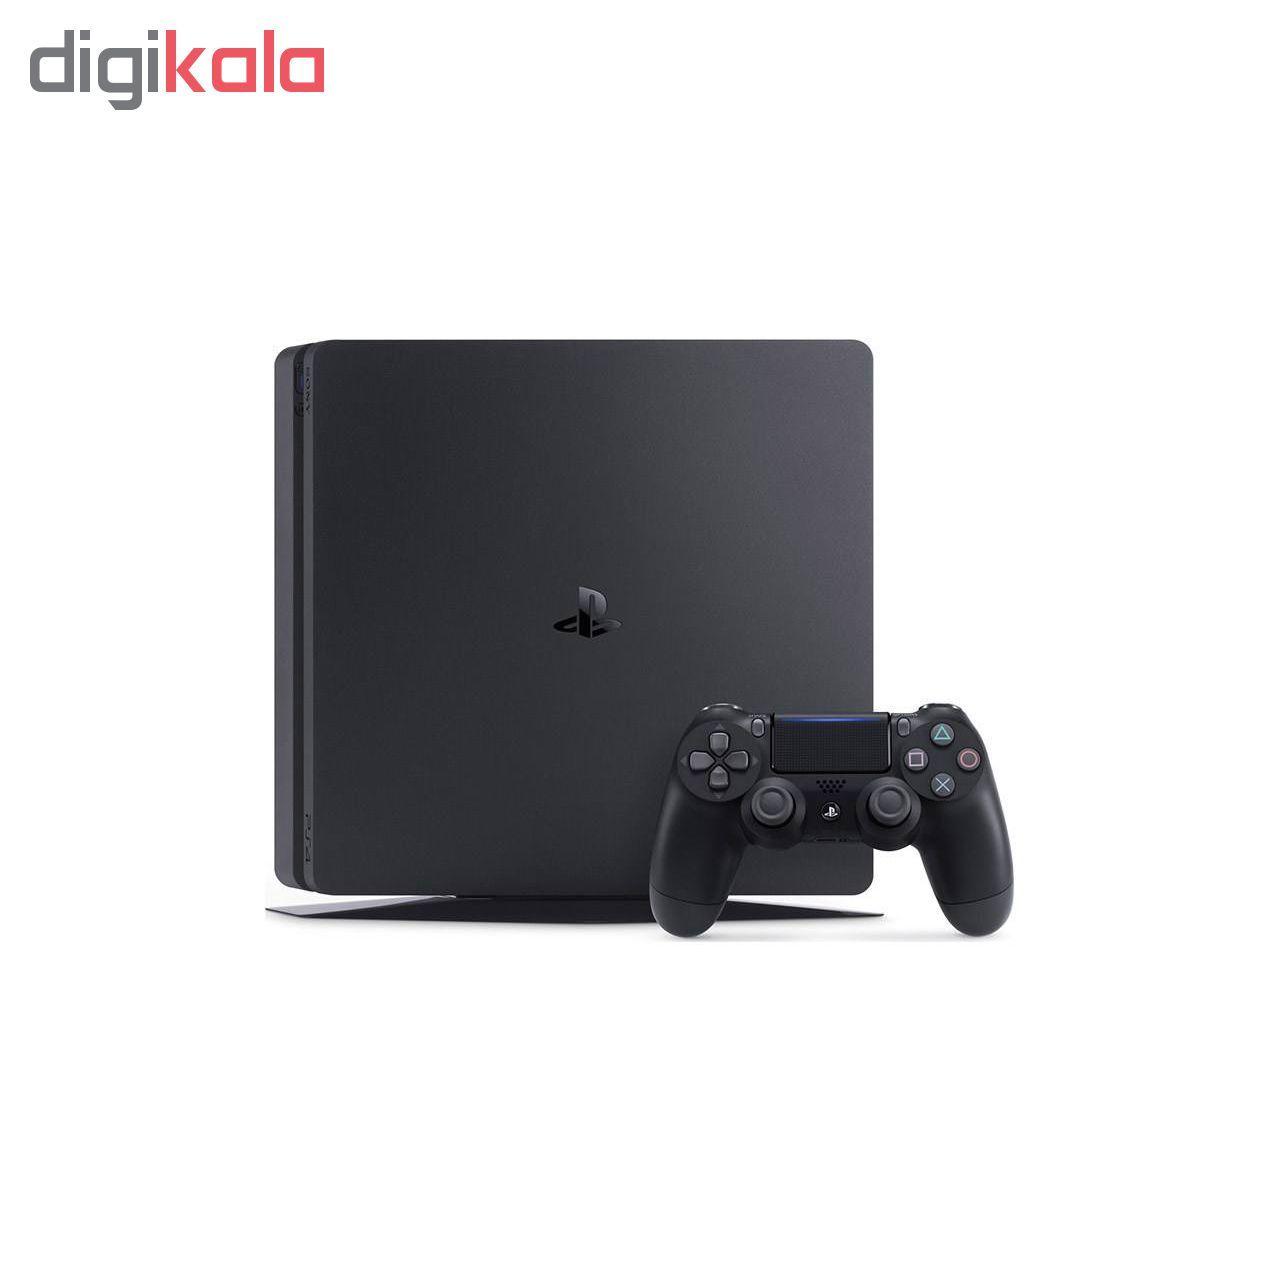 کنسول بازی سونی مدل Playstation 4 Slim کد Region 2 CUH-2216A ظرفیت 500 گیگابایت main 1 4